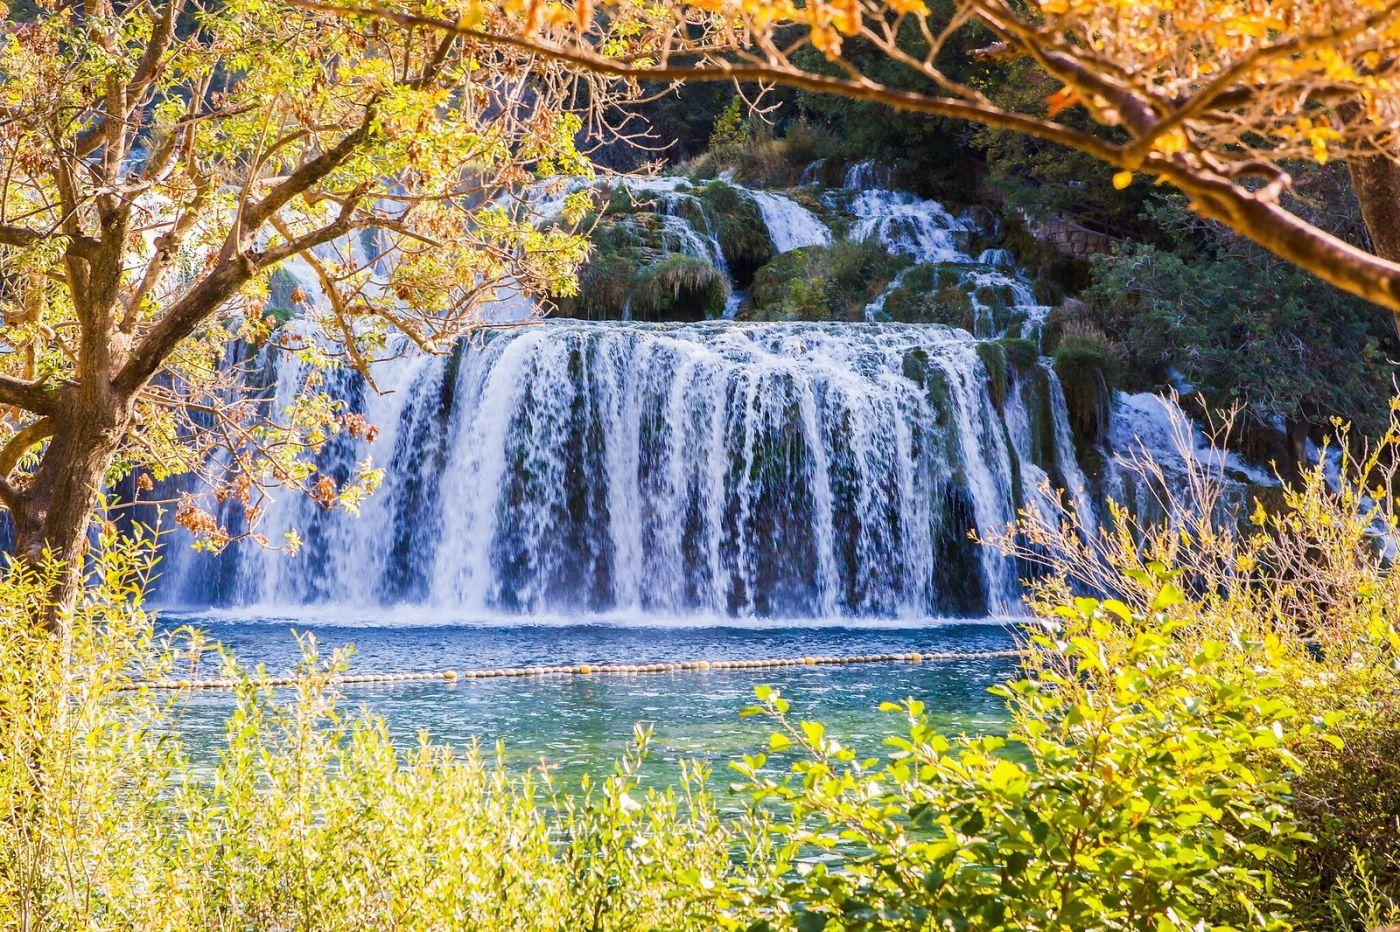 克罗地亚克尔卡国家公园(Krka National Park),瀑布瀑布瀑布_图1-9